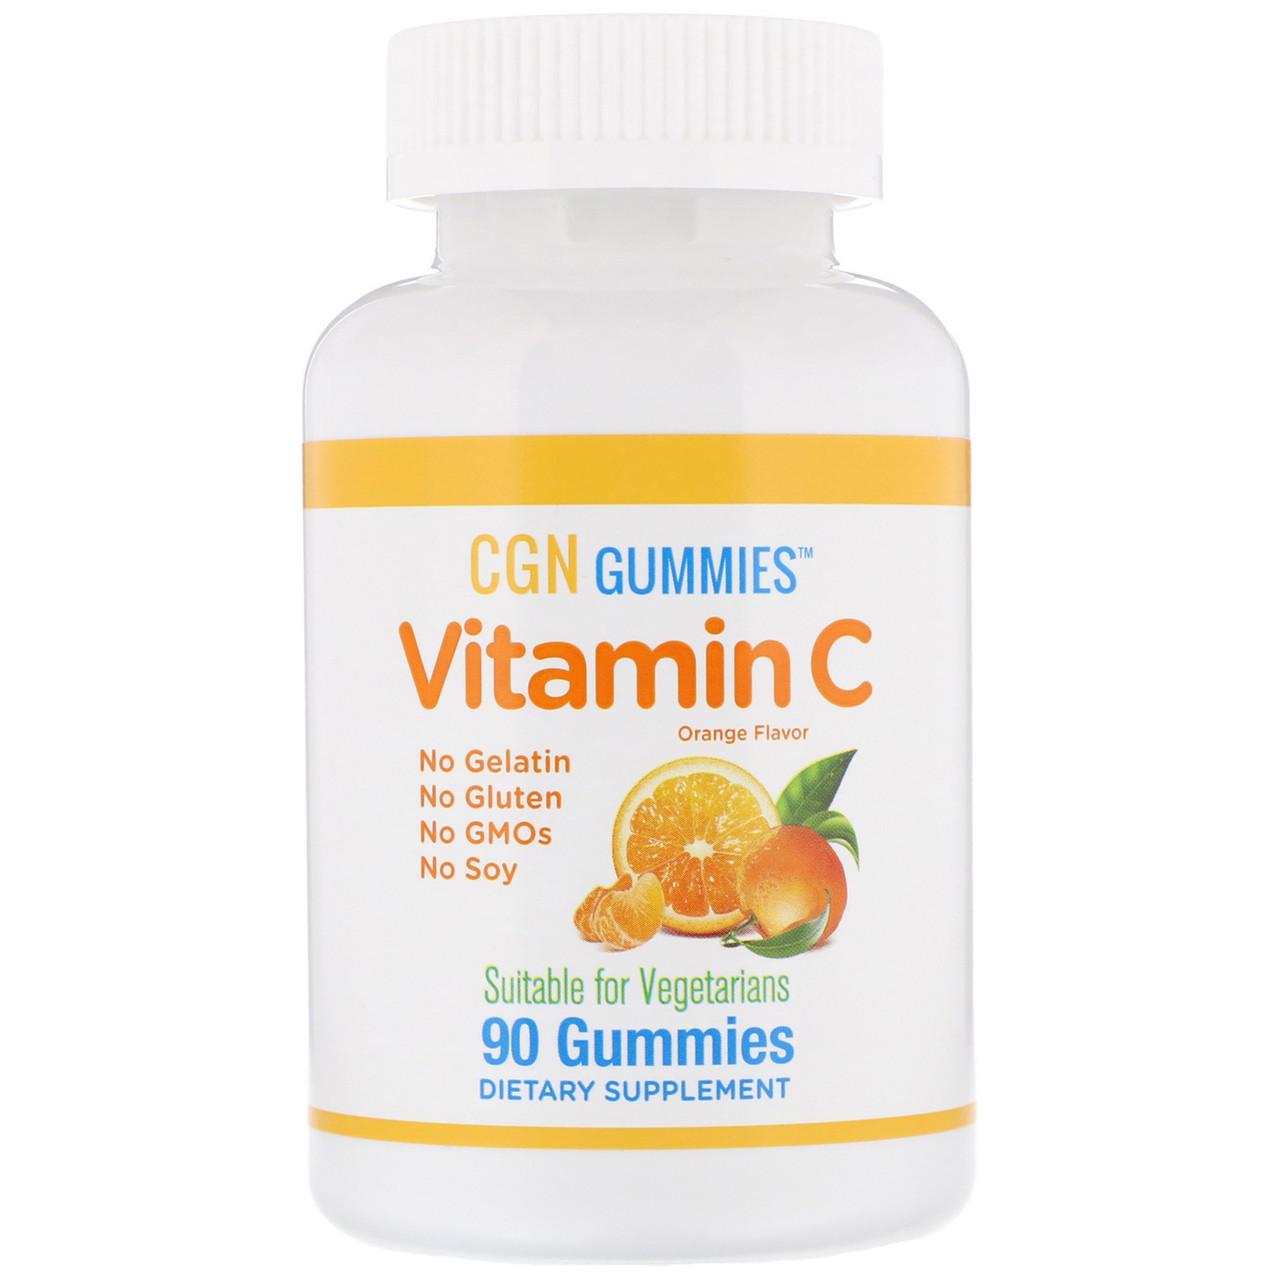 Жевательные таблетки с витамином C, натуральный апельсиновый вкус, без желатина, 90 жевательных таблеток